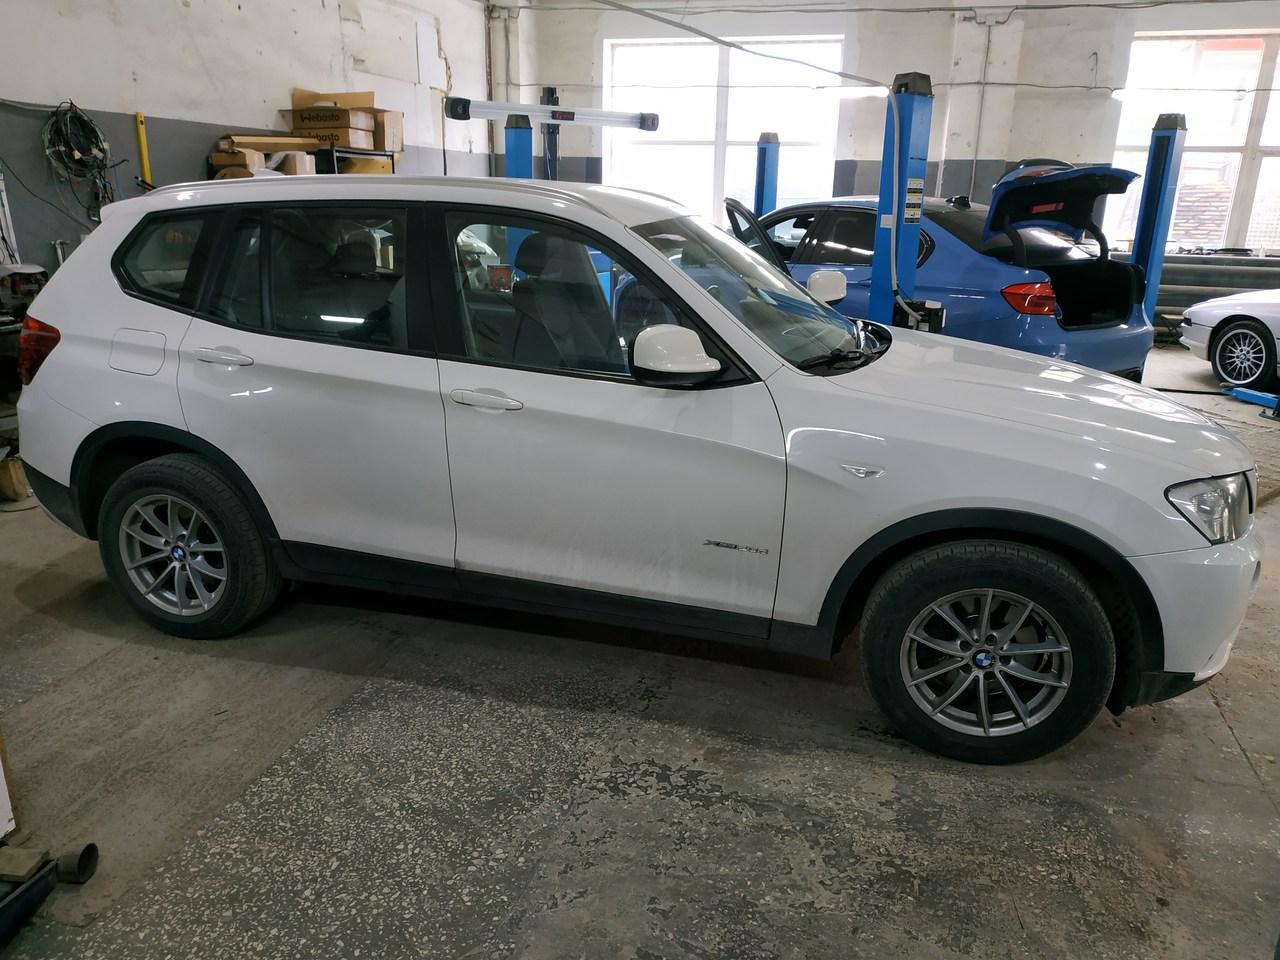 BMW X3 F25 20d 2011 г.в.